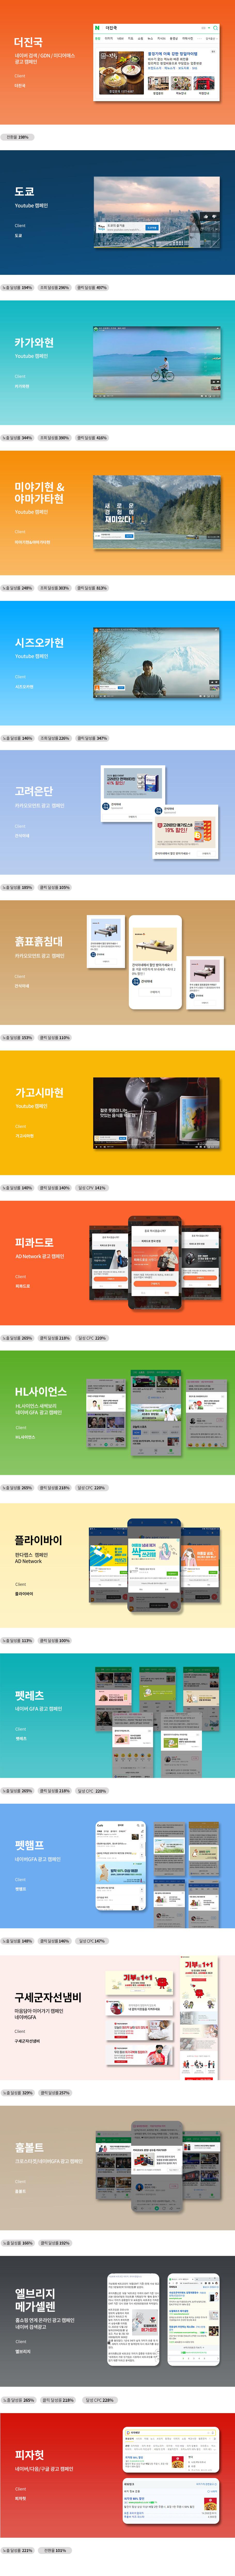 포트폴리오_Digital-Marketing.jpg